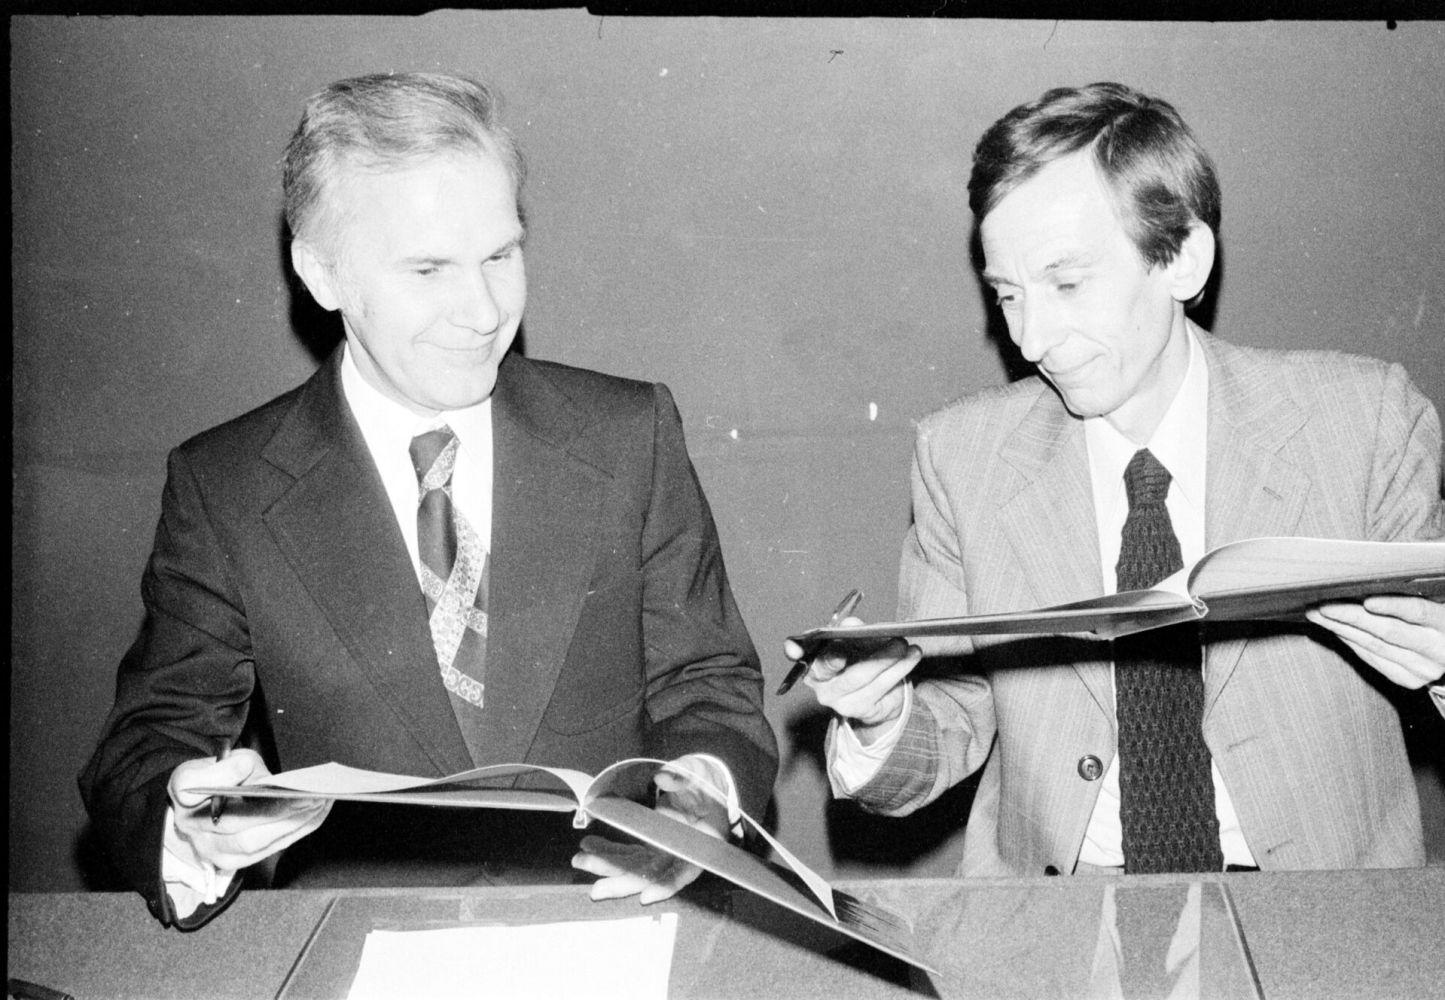 Juni 1976: Der Rektor der FH Münster, Prof. Dr.-Ing. Manfred Sentko, und Prof. Dr. P. Leroy, Präsident der Université des Sciences Grenoble, unterzeichnen den Kooperationsvertrag.